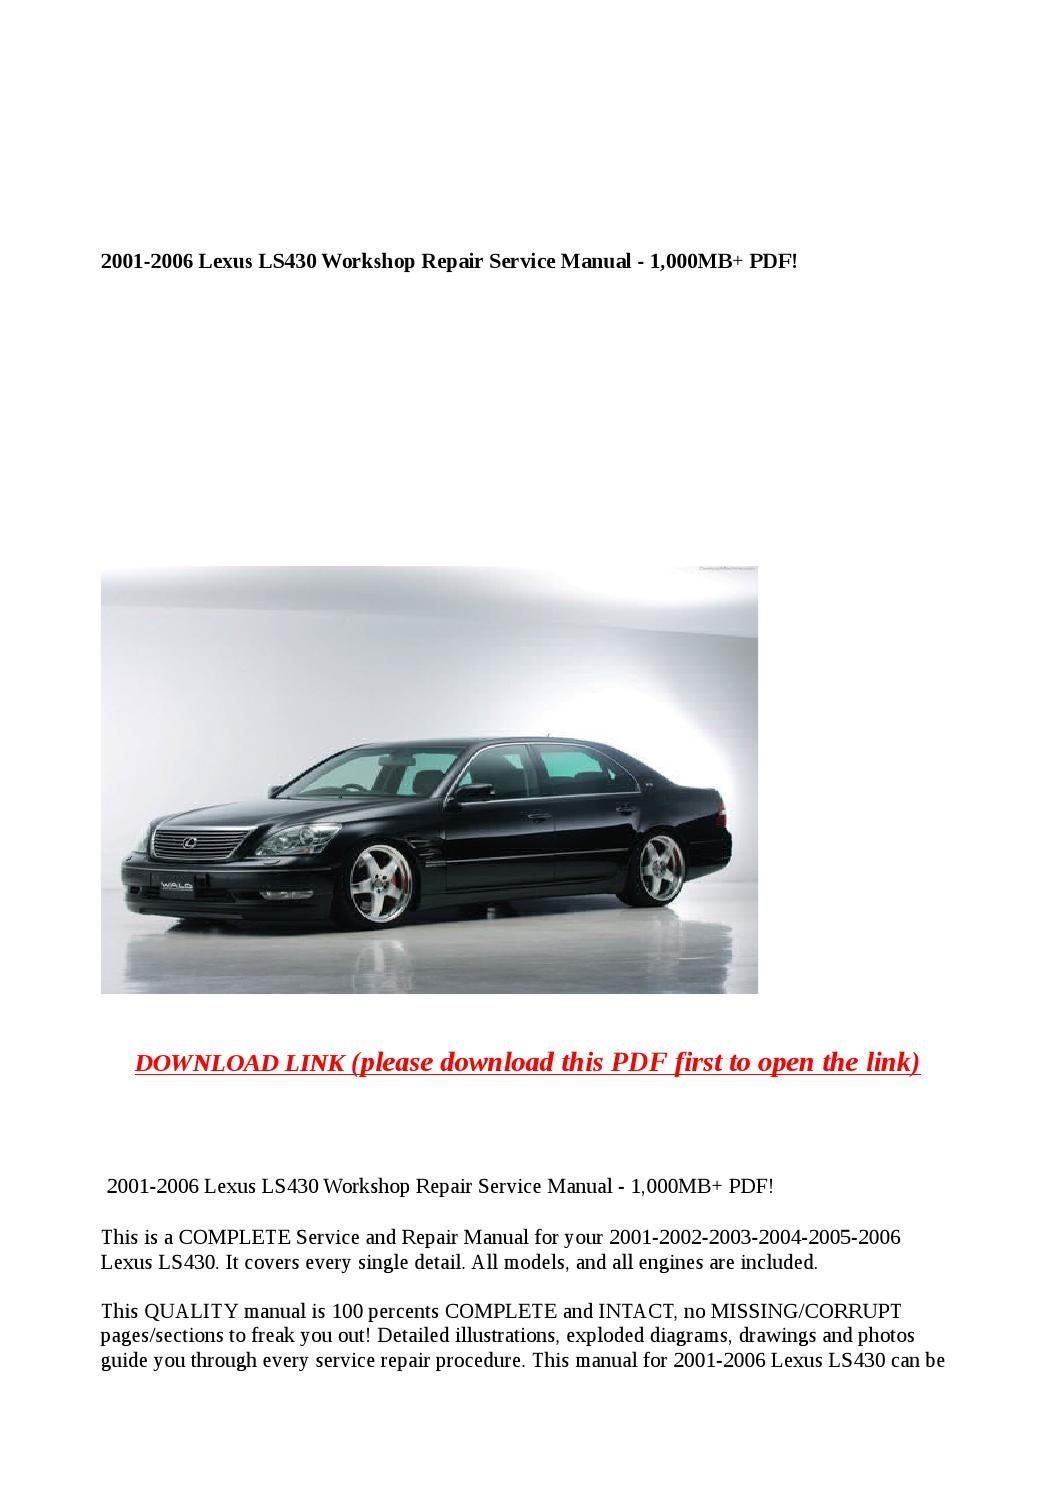 parts manual 2006 lexus ls430